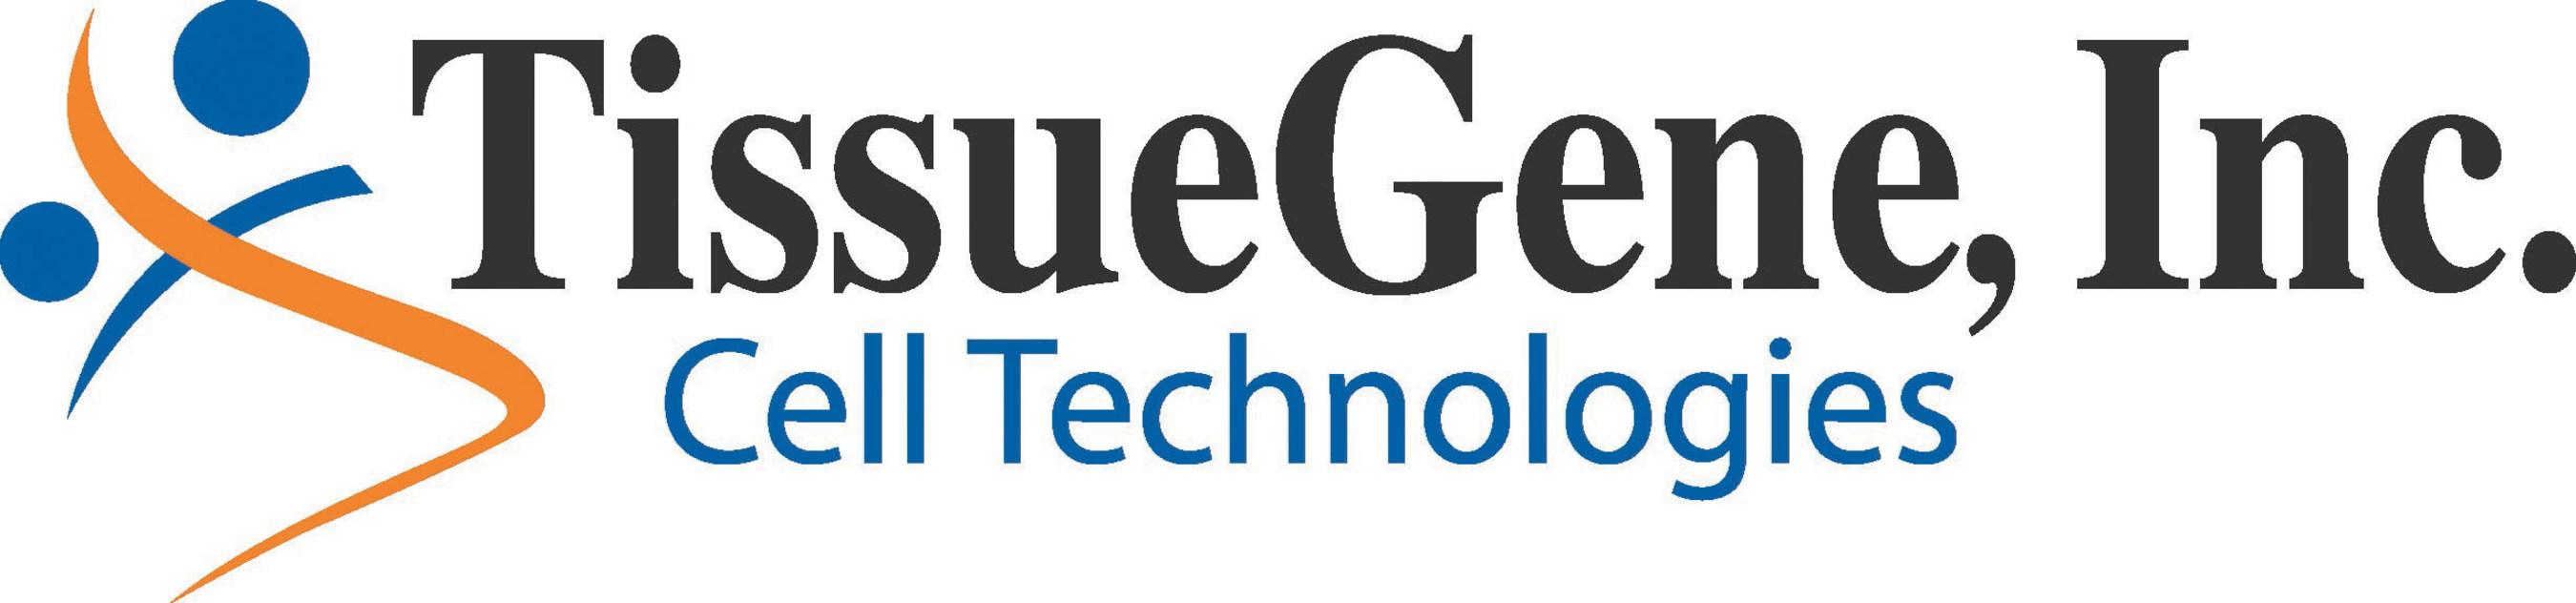 TissueGene, Inc. Logo